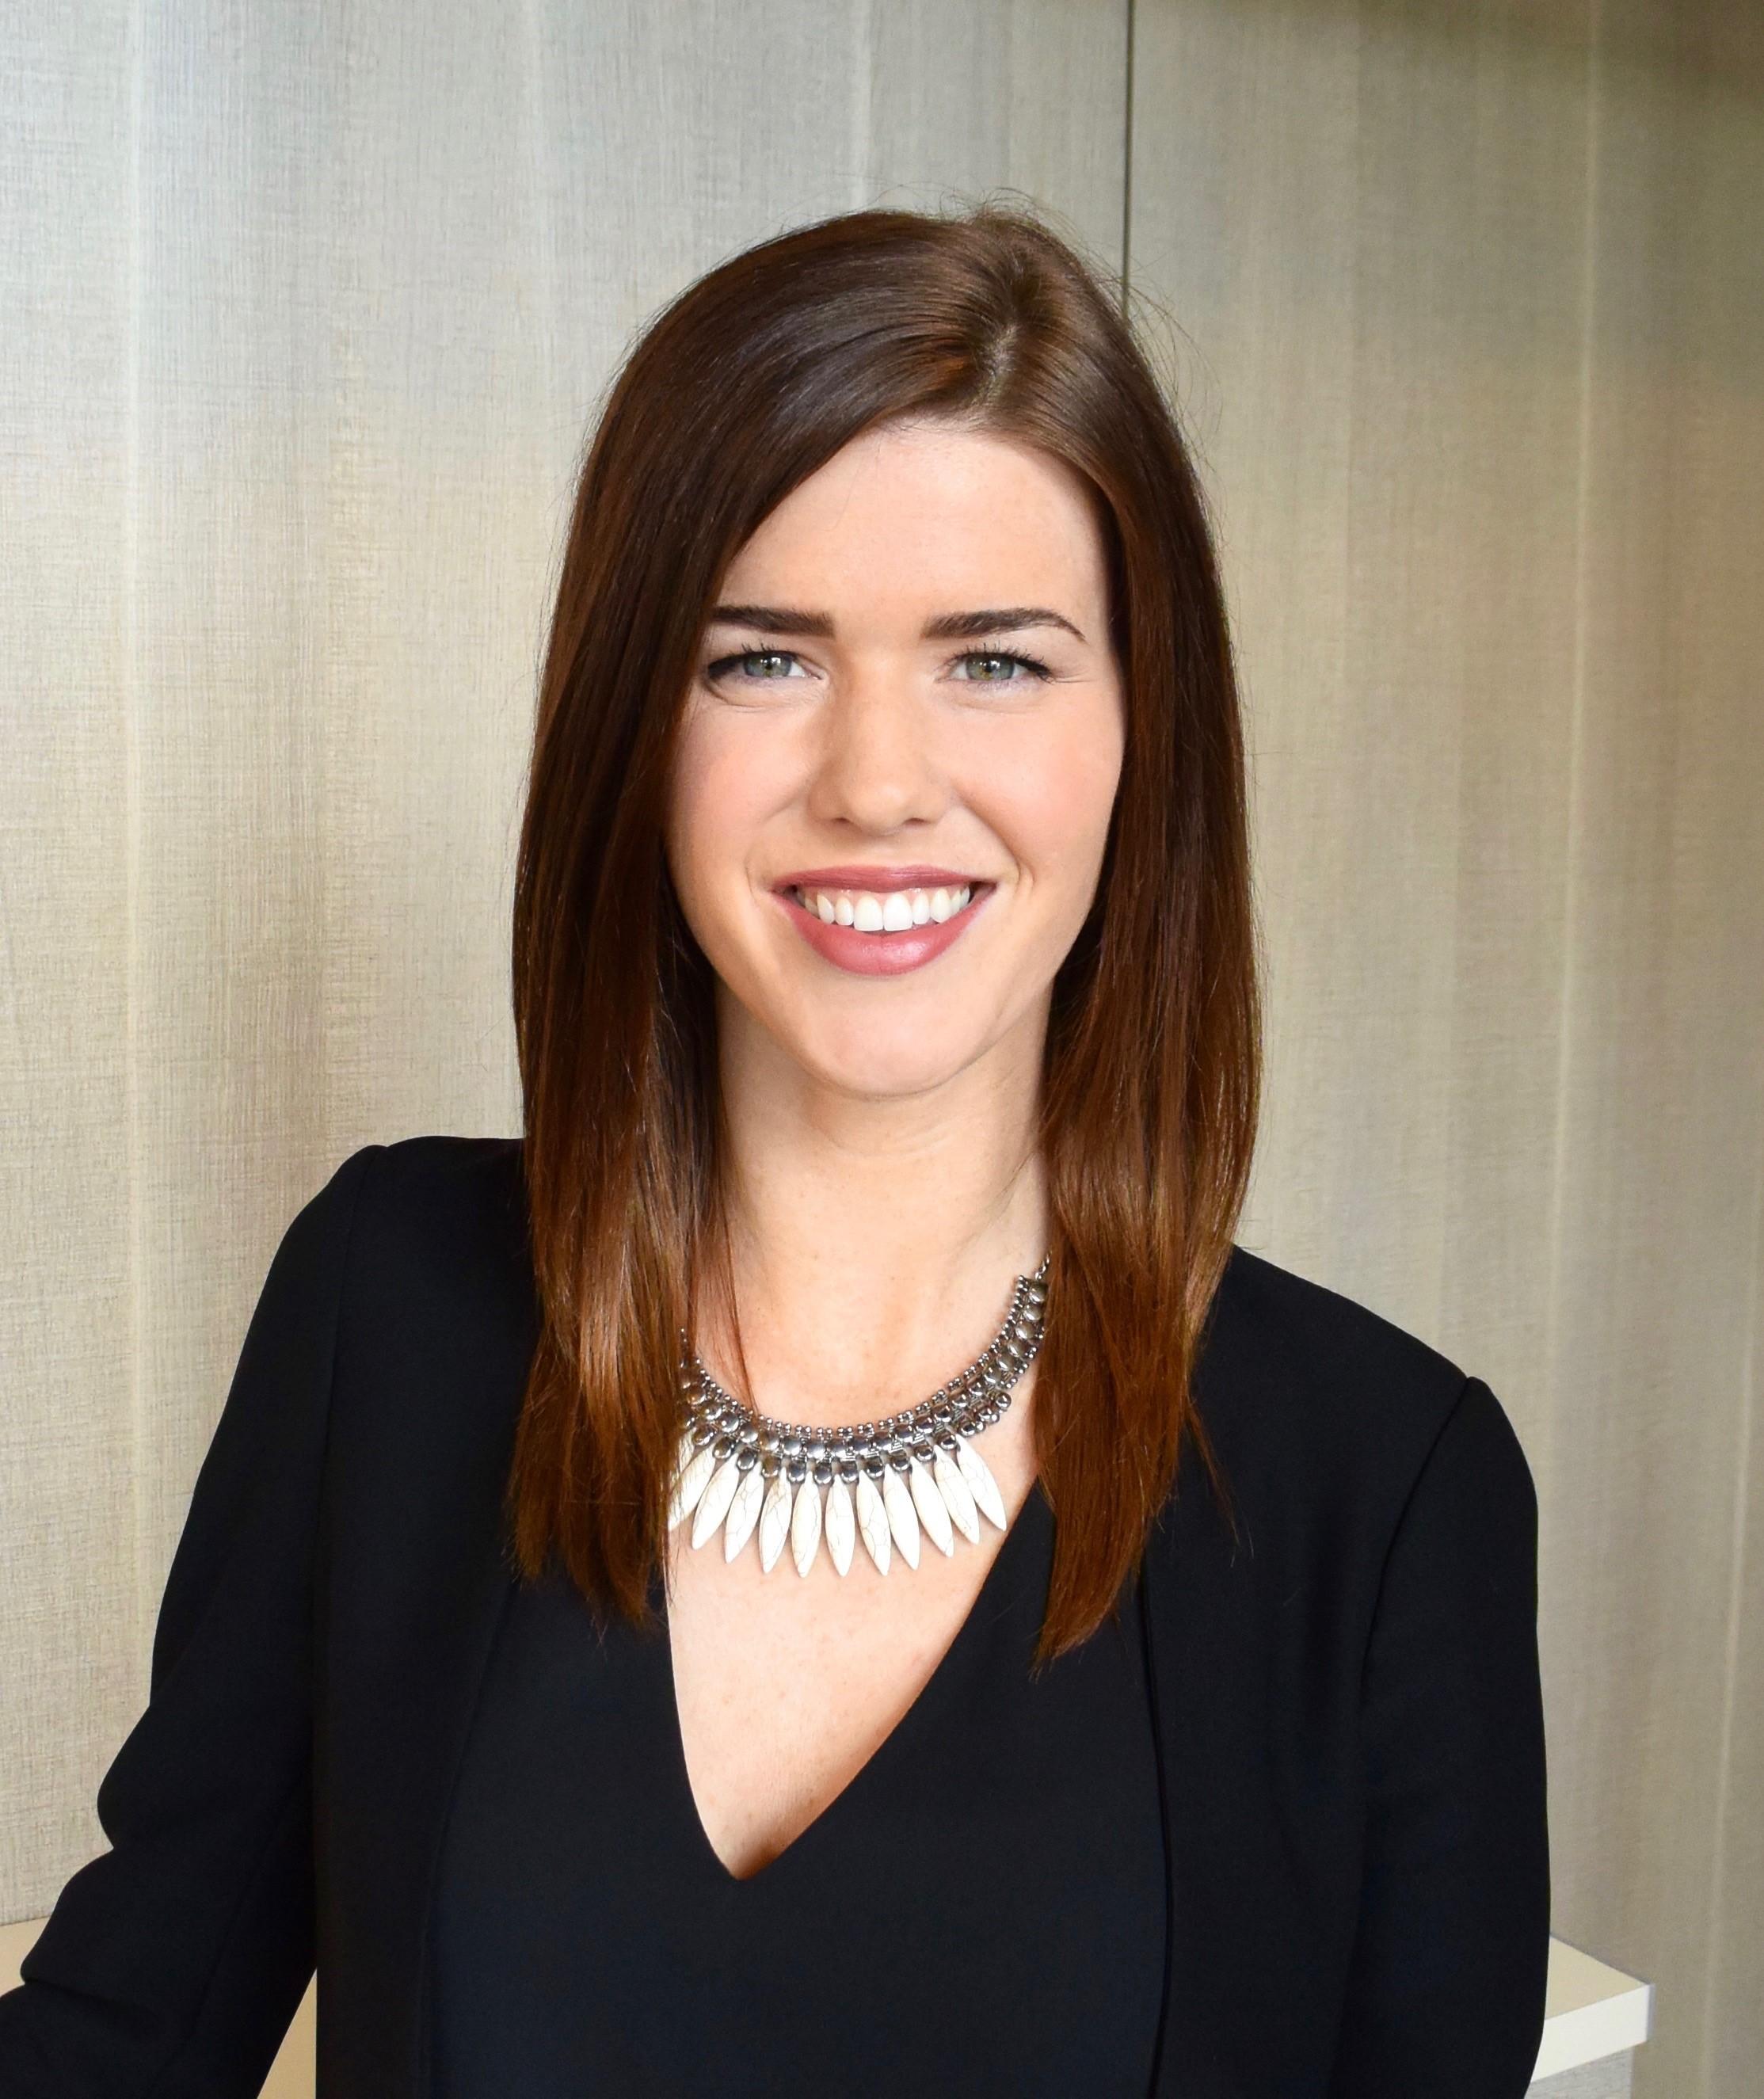 Mikayla Grace, Design Consultant